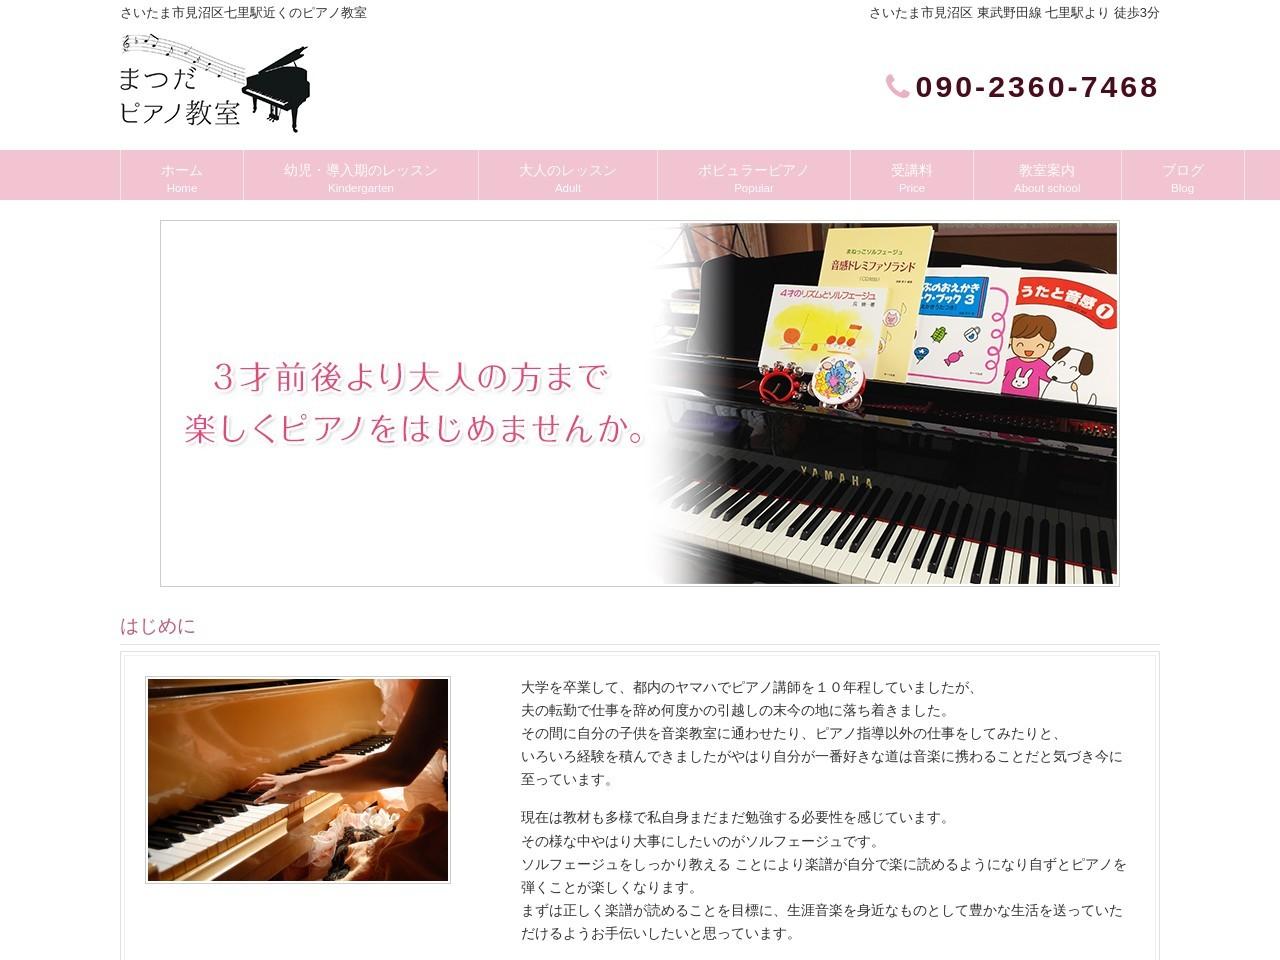 まつだピアノ教室のサムネイル